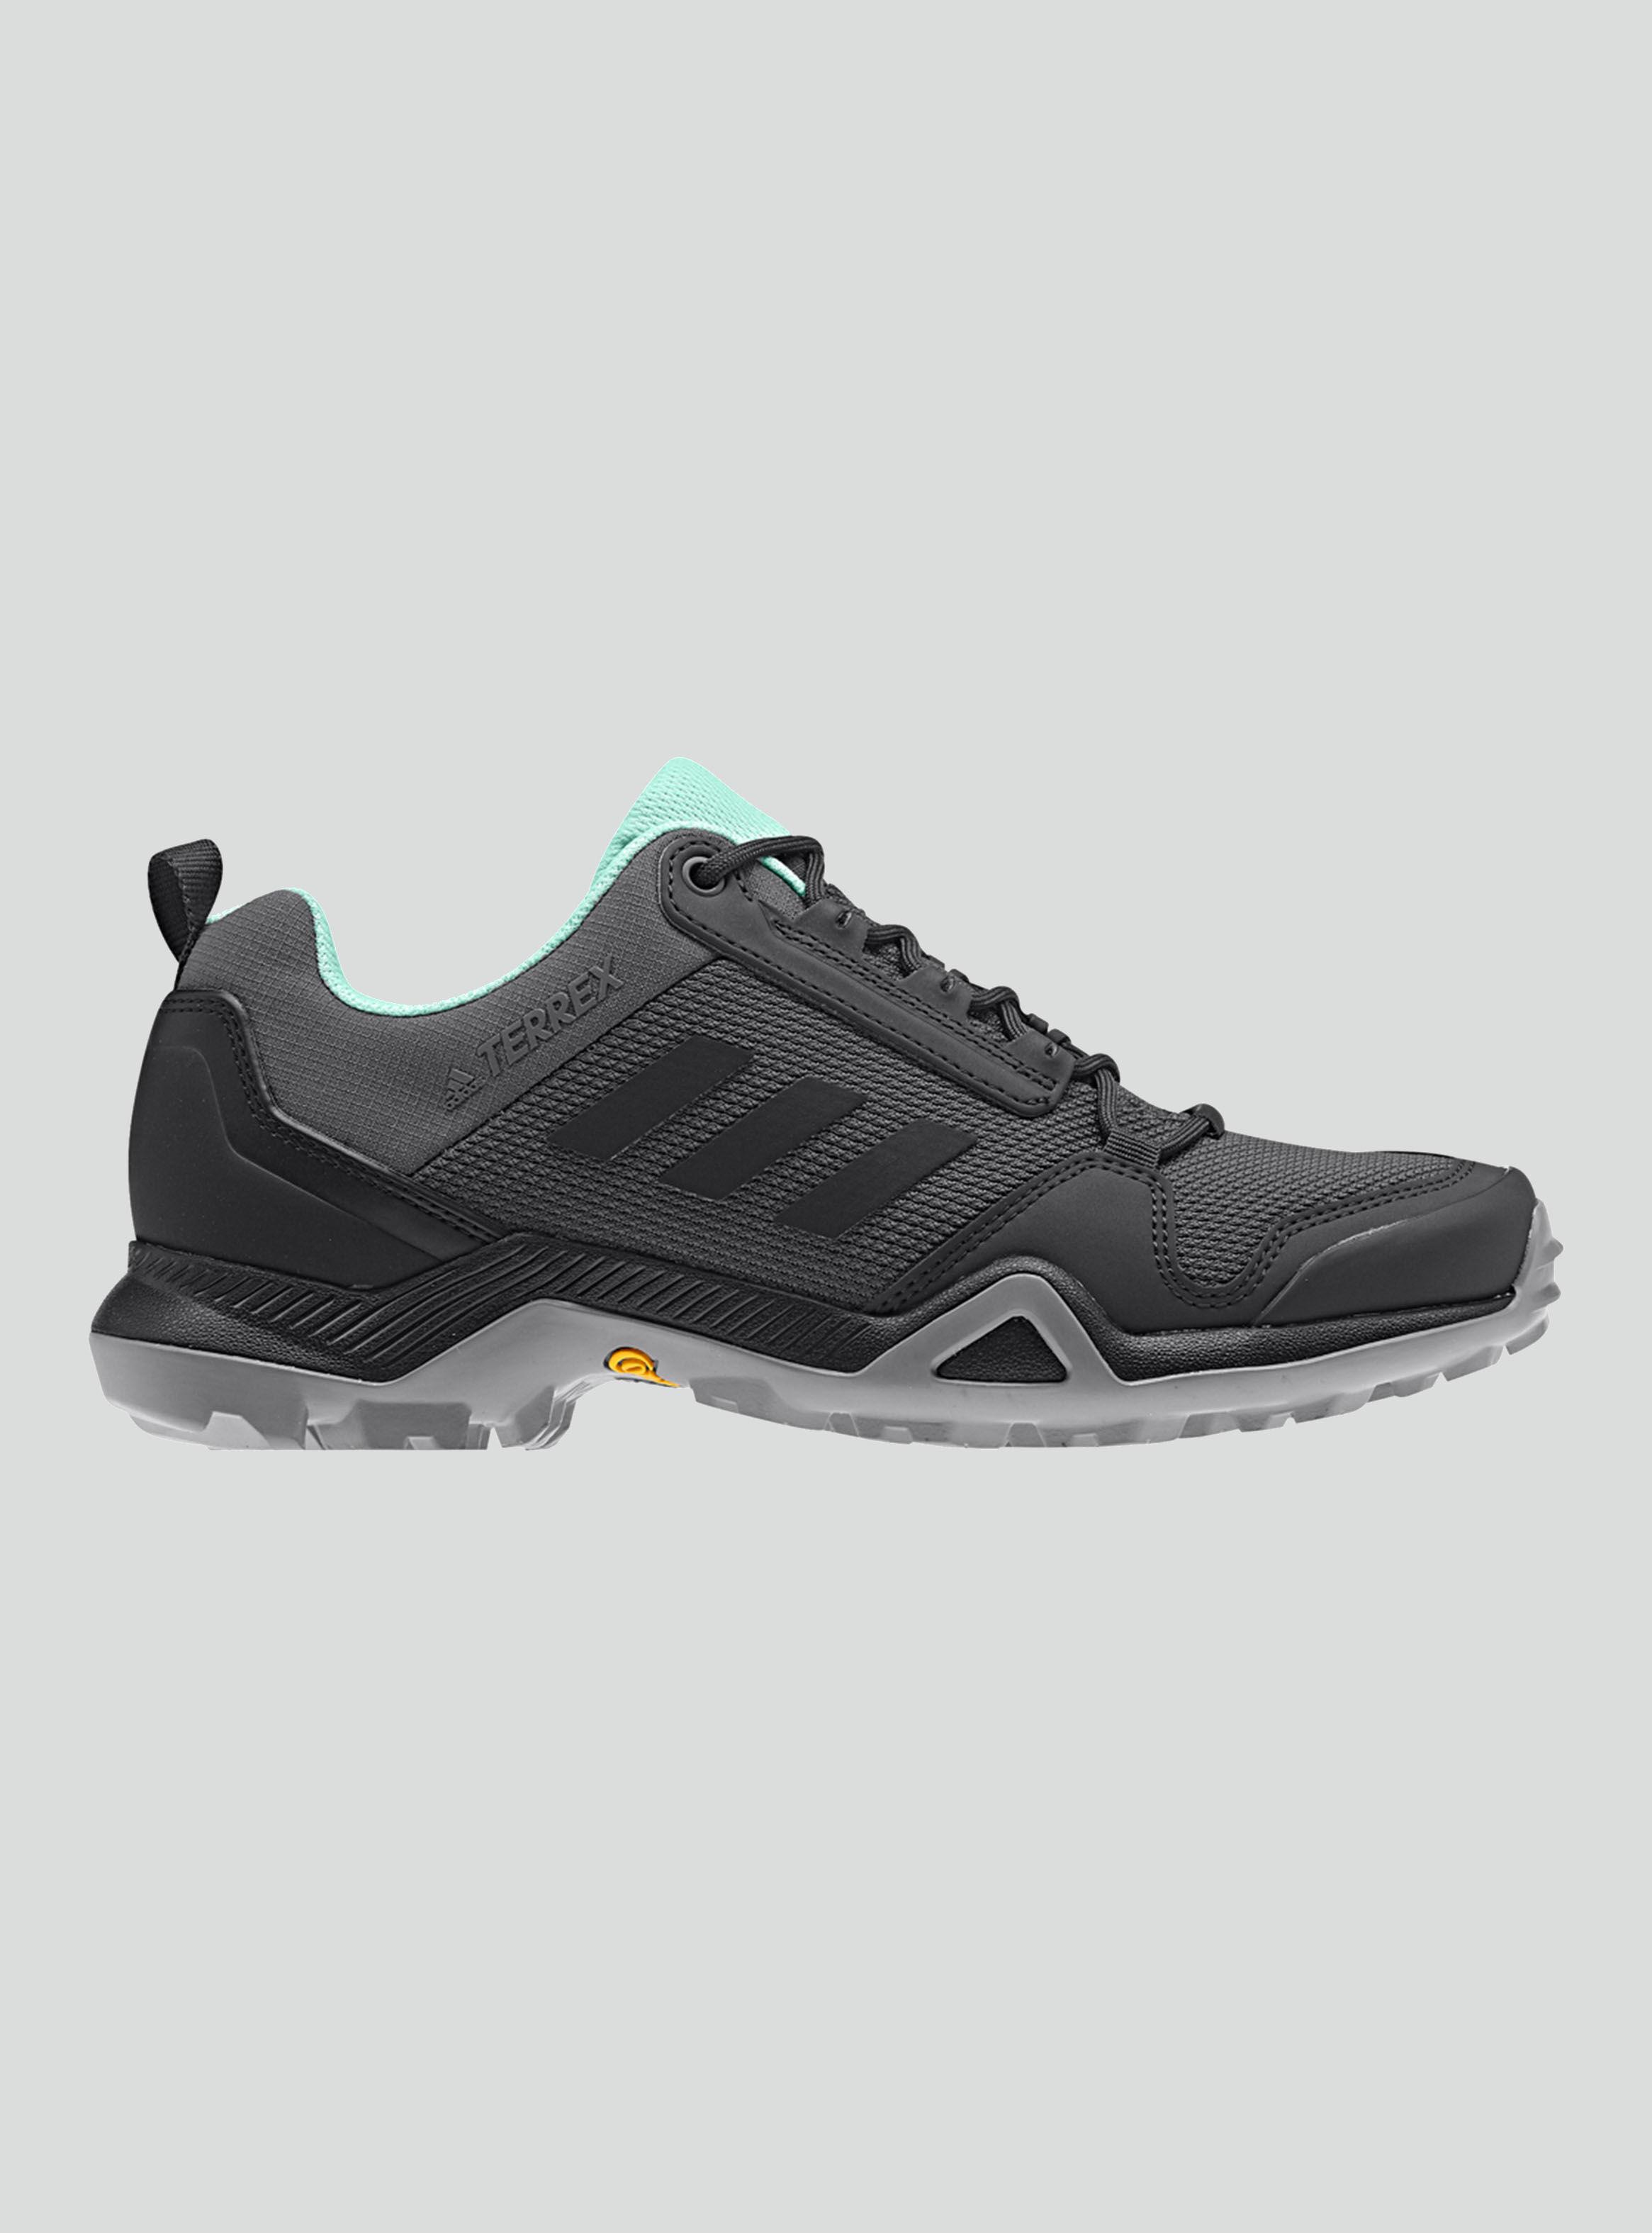 Zapatilla Adidas Terrex AX3 Outdoor Mujer